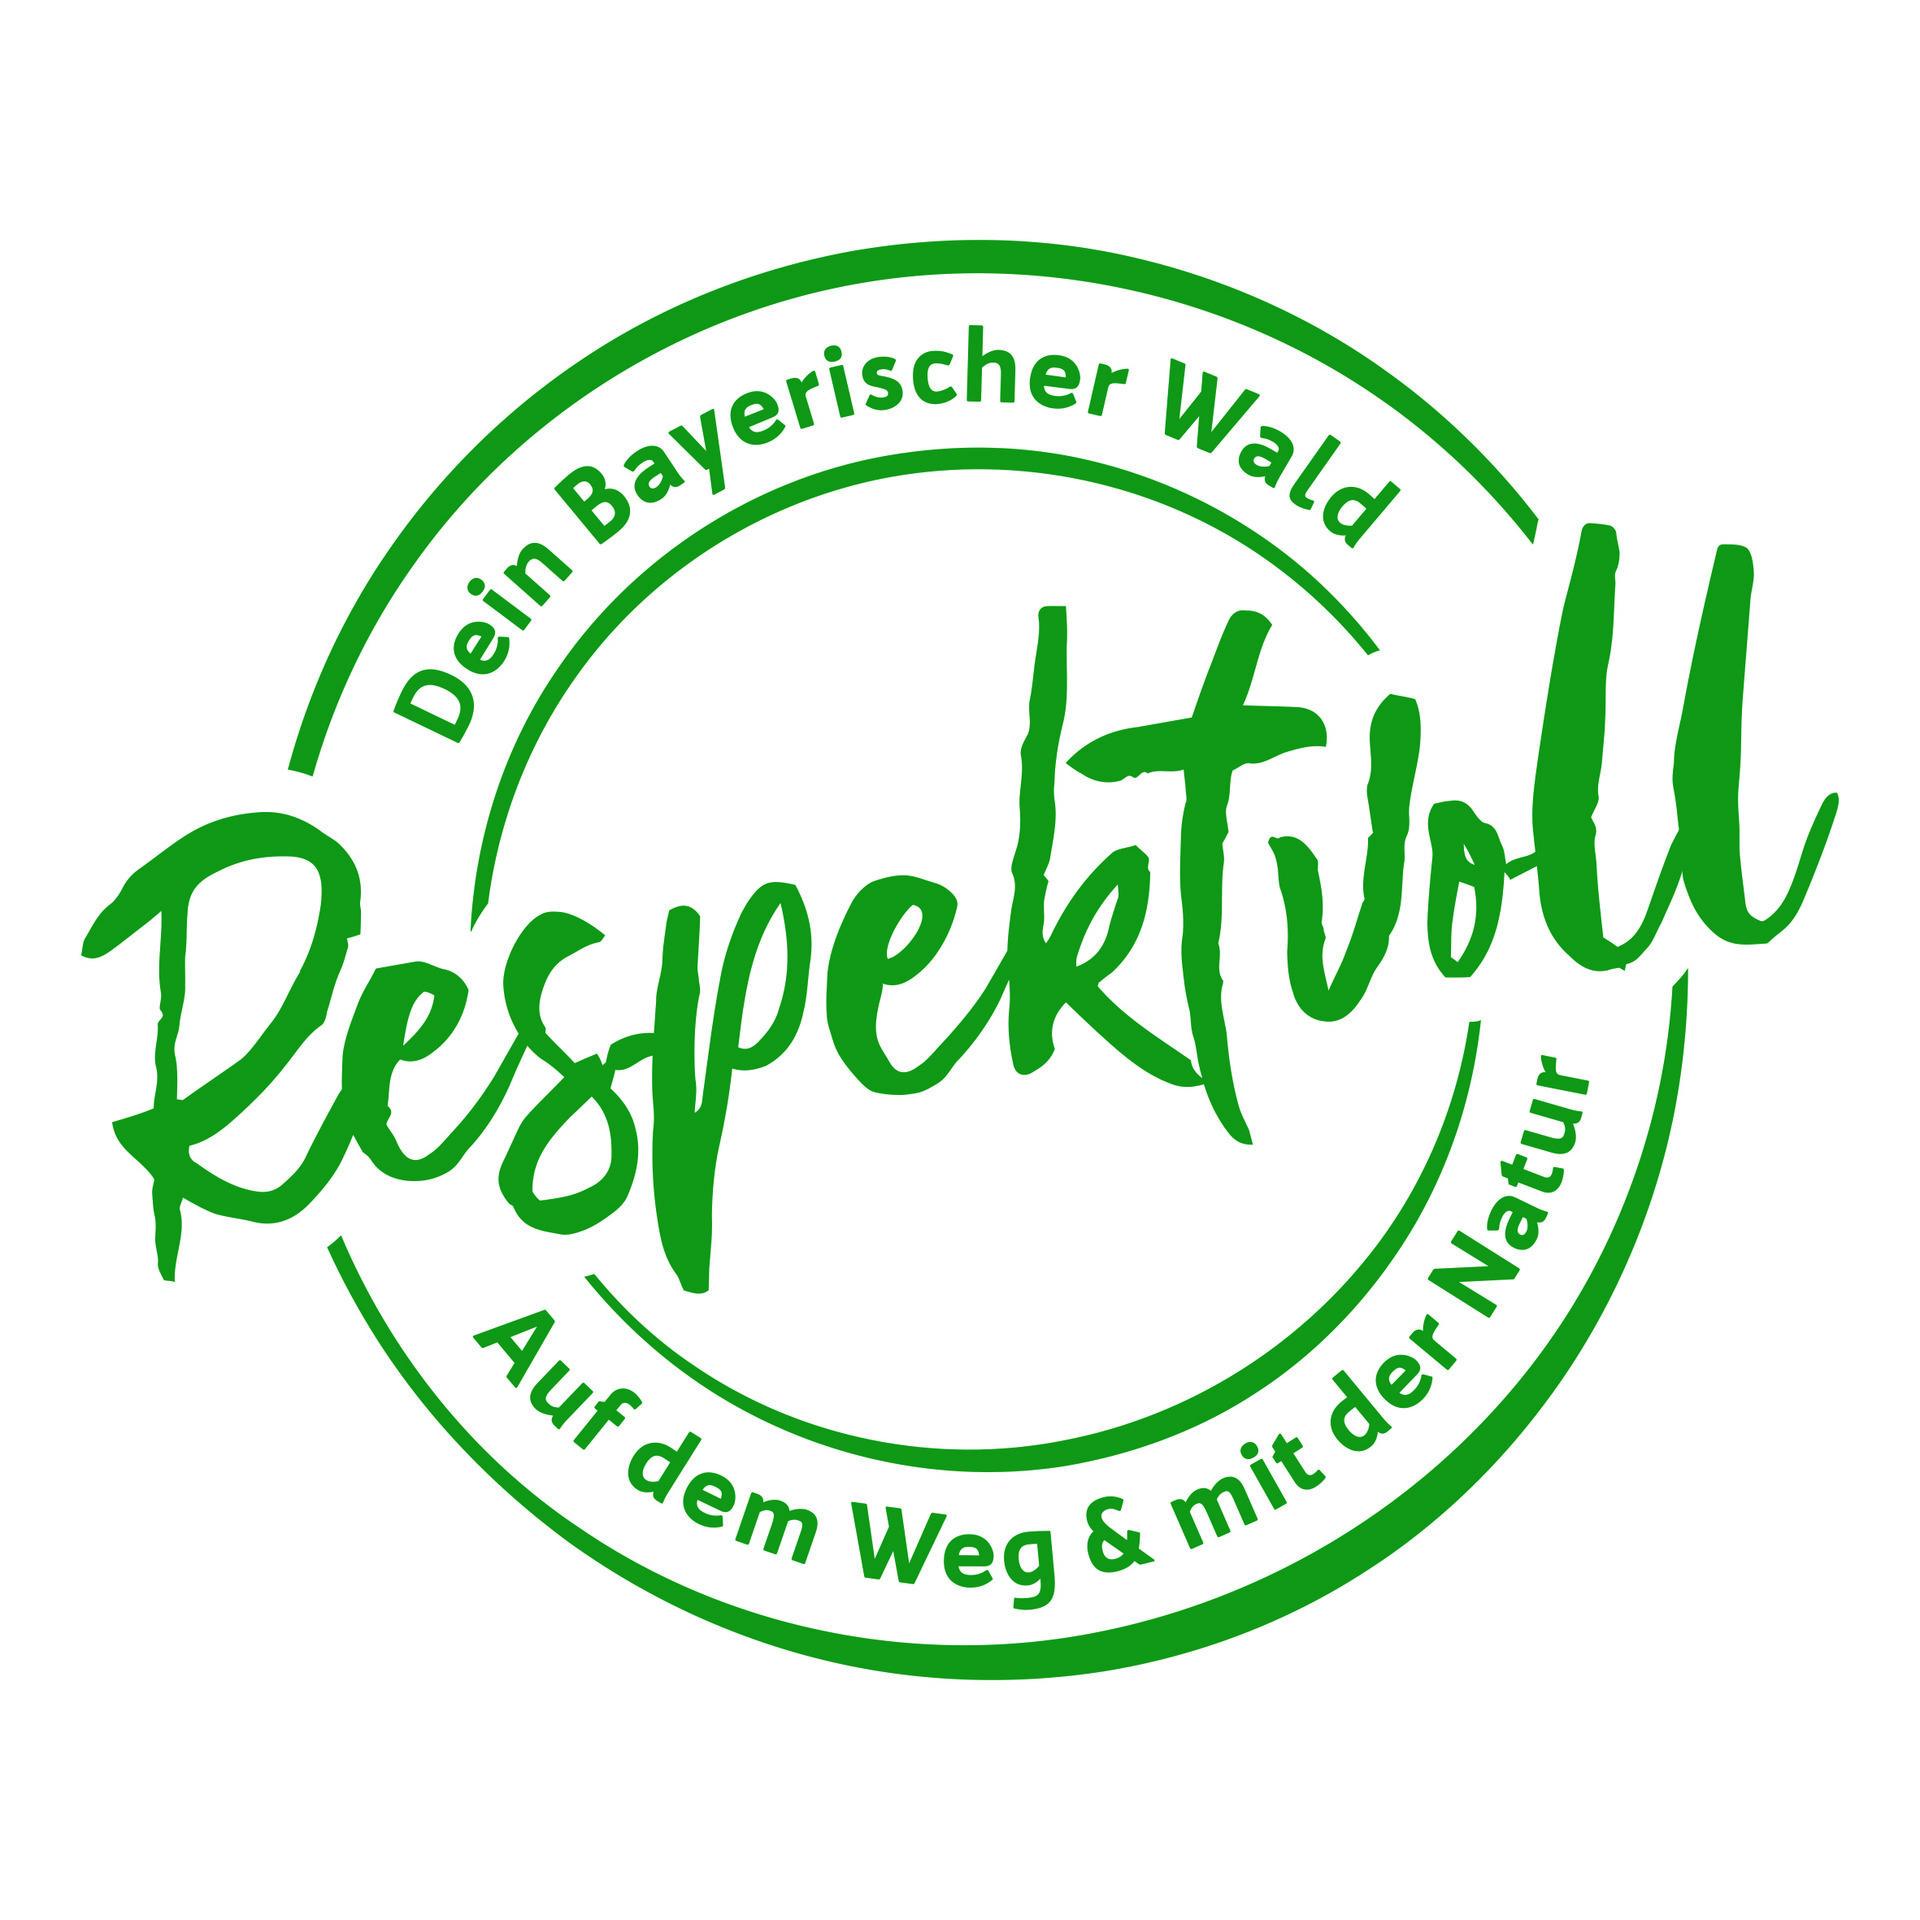 Logo-Respektvoll